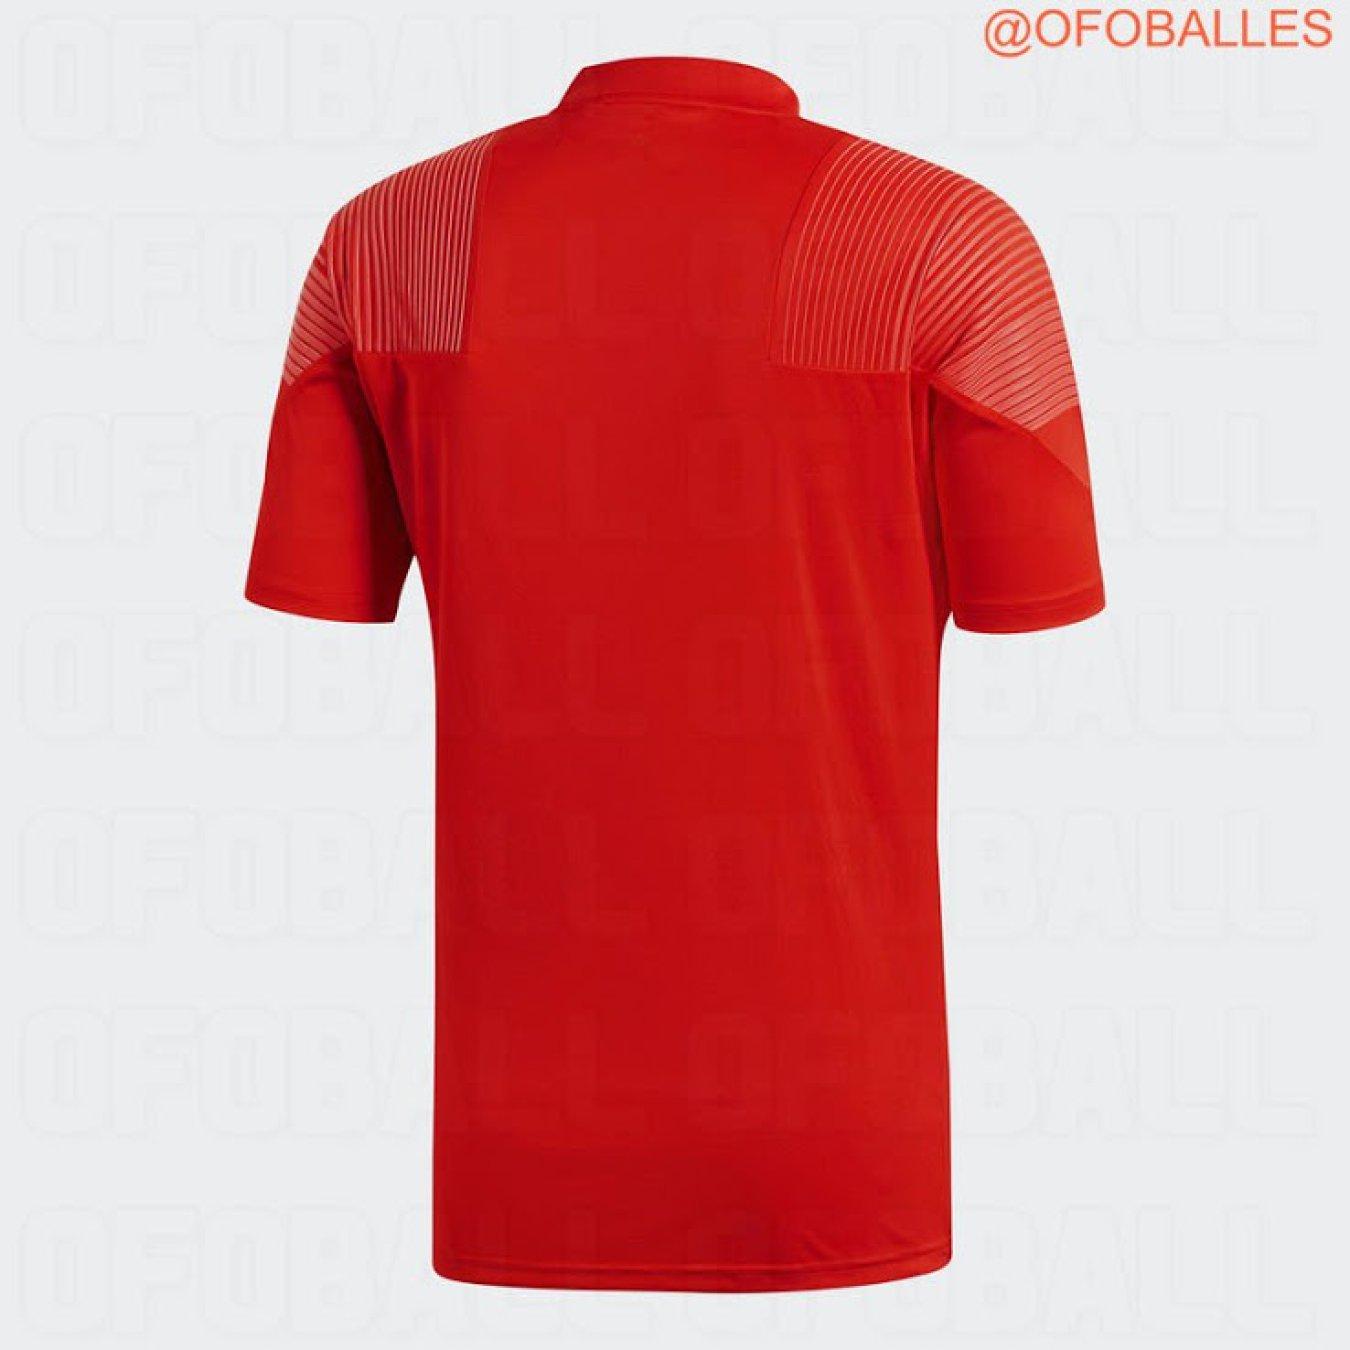 El Madrid vestirá de rojo en Champions la próxima campaña - AS.com 5fae5e52922de